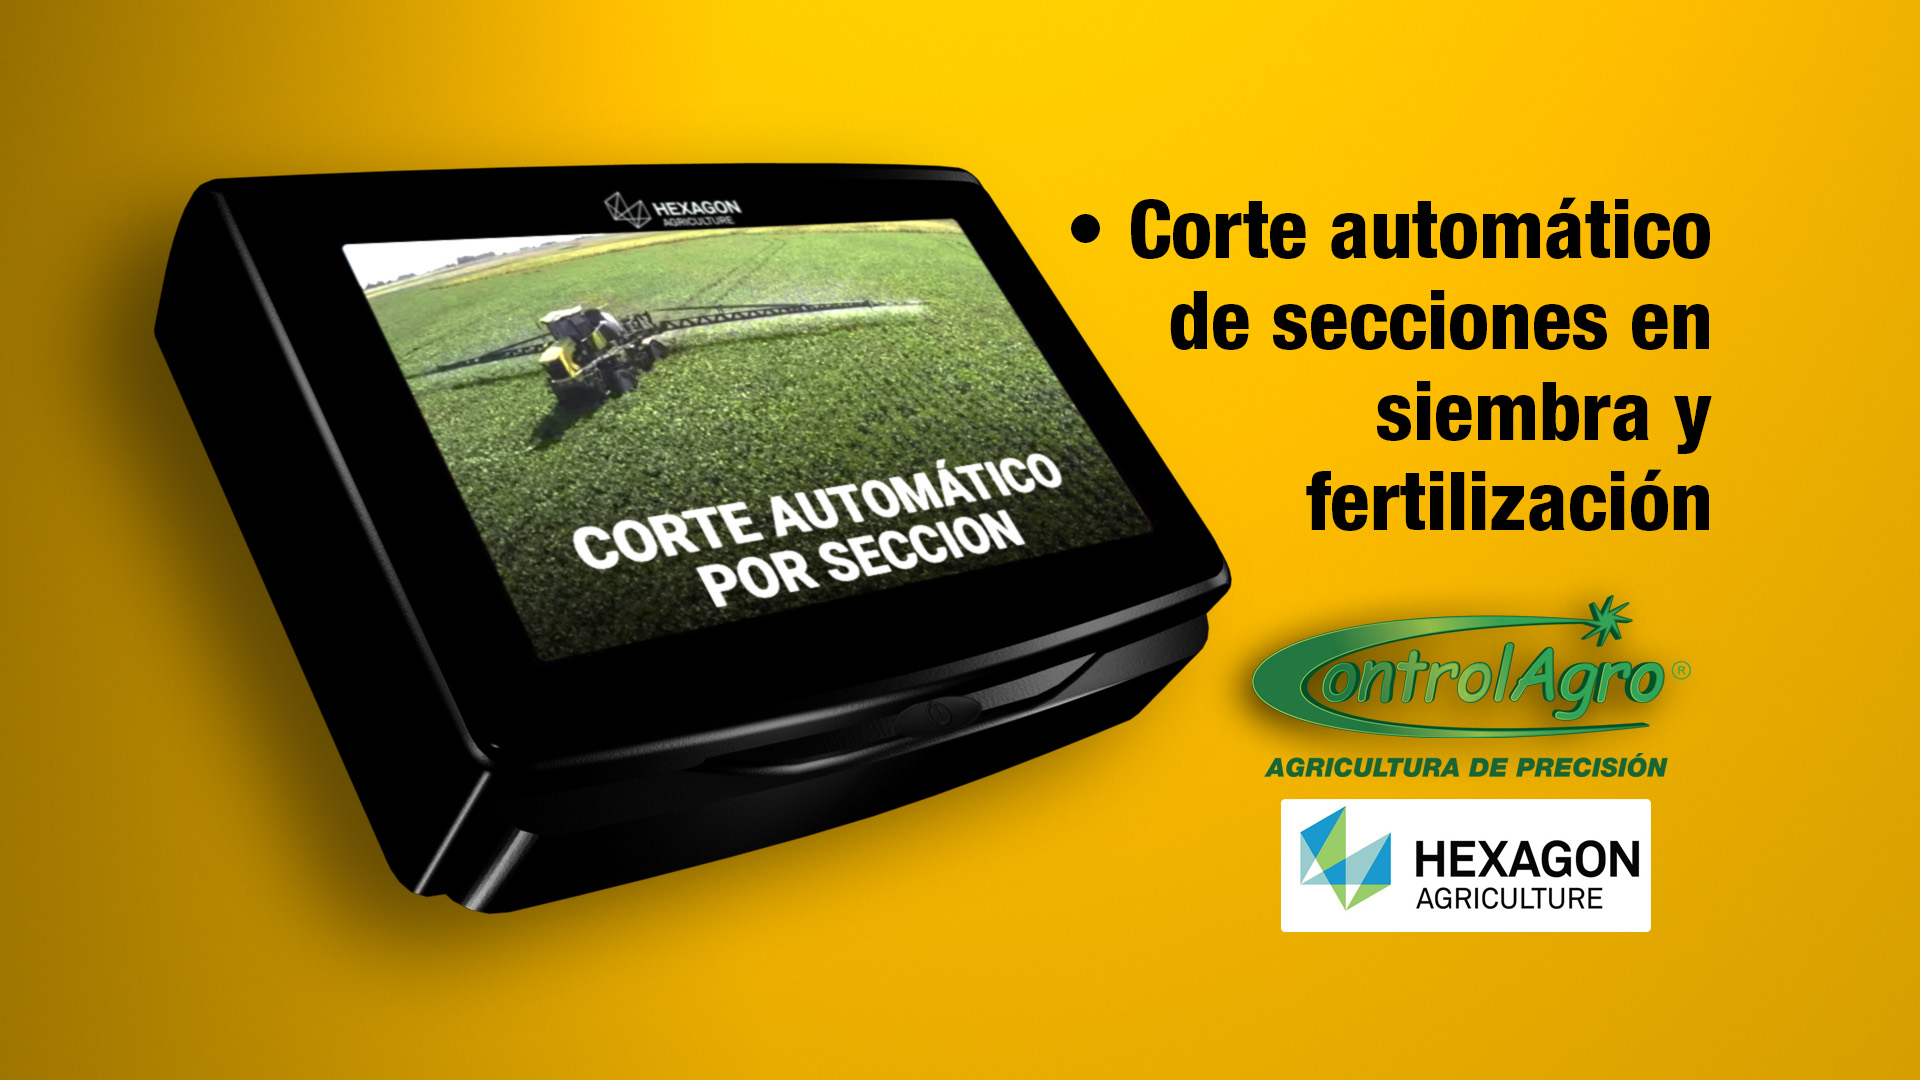 Corte Automático de seccion en siembra y fertilización